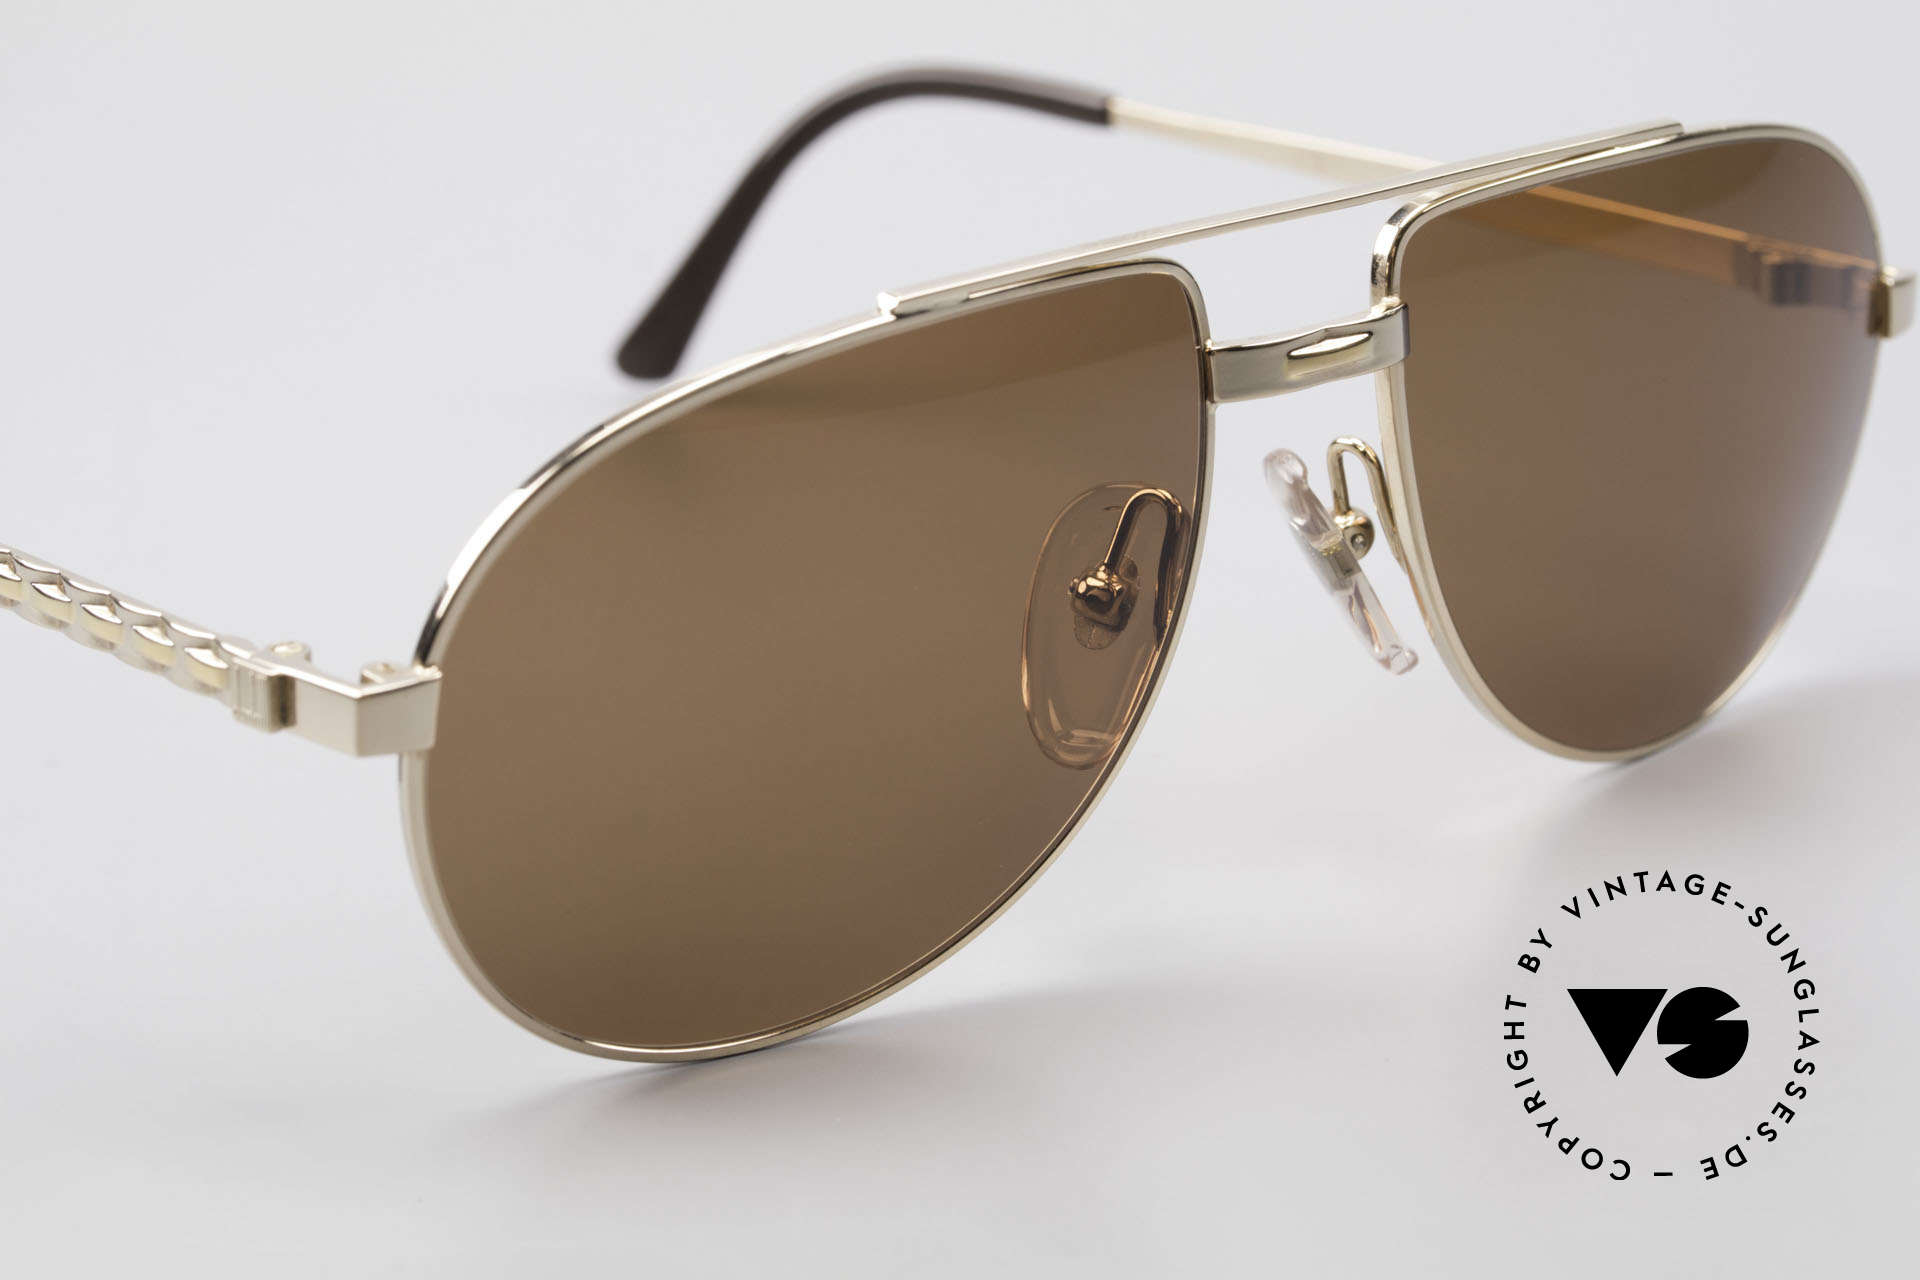 Dunhill 6147 90er Luxus Aviator Herrenbrille, ungetragen (wie alle unsere vintage Luxus-Sonnenbrillen), Passend für Herren